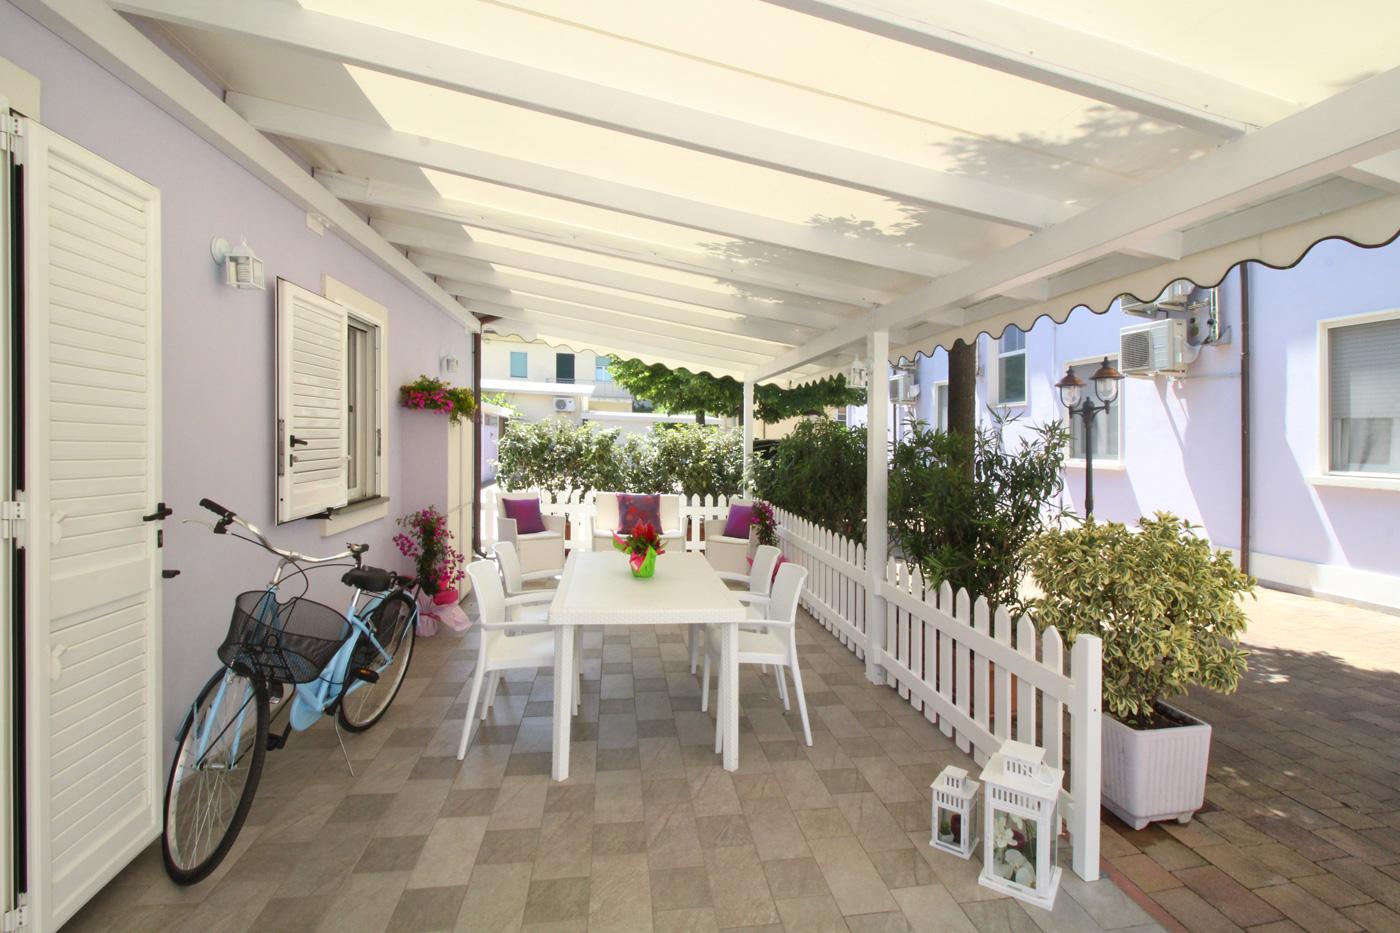 Appartamento la casina di gatteo_romagna case vacanze_IMG_8281_2